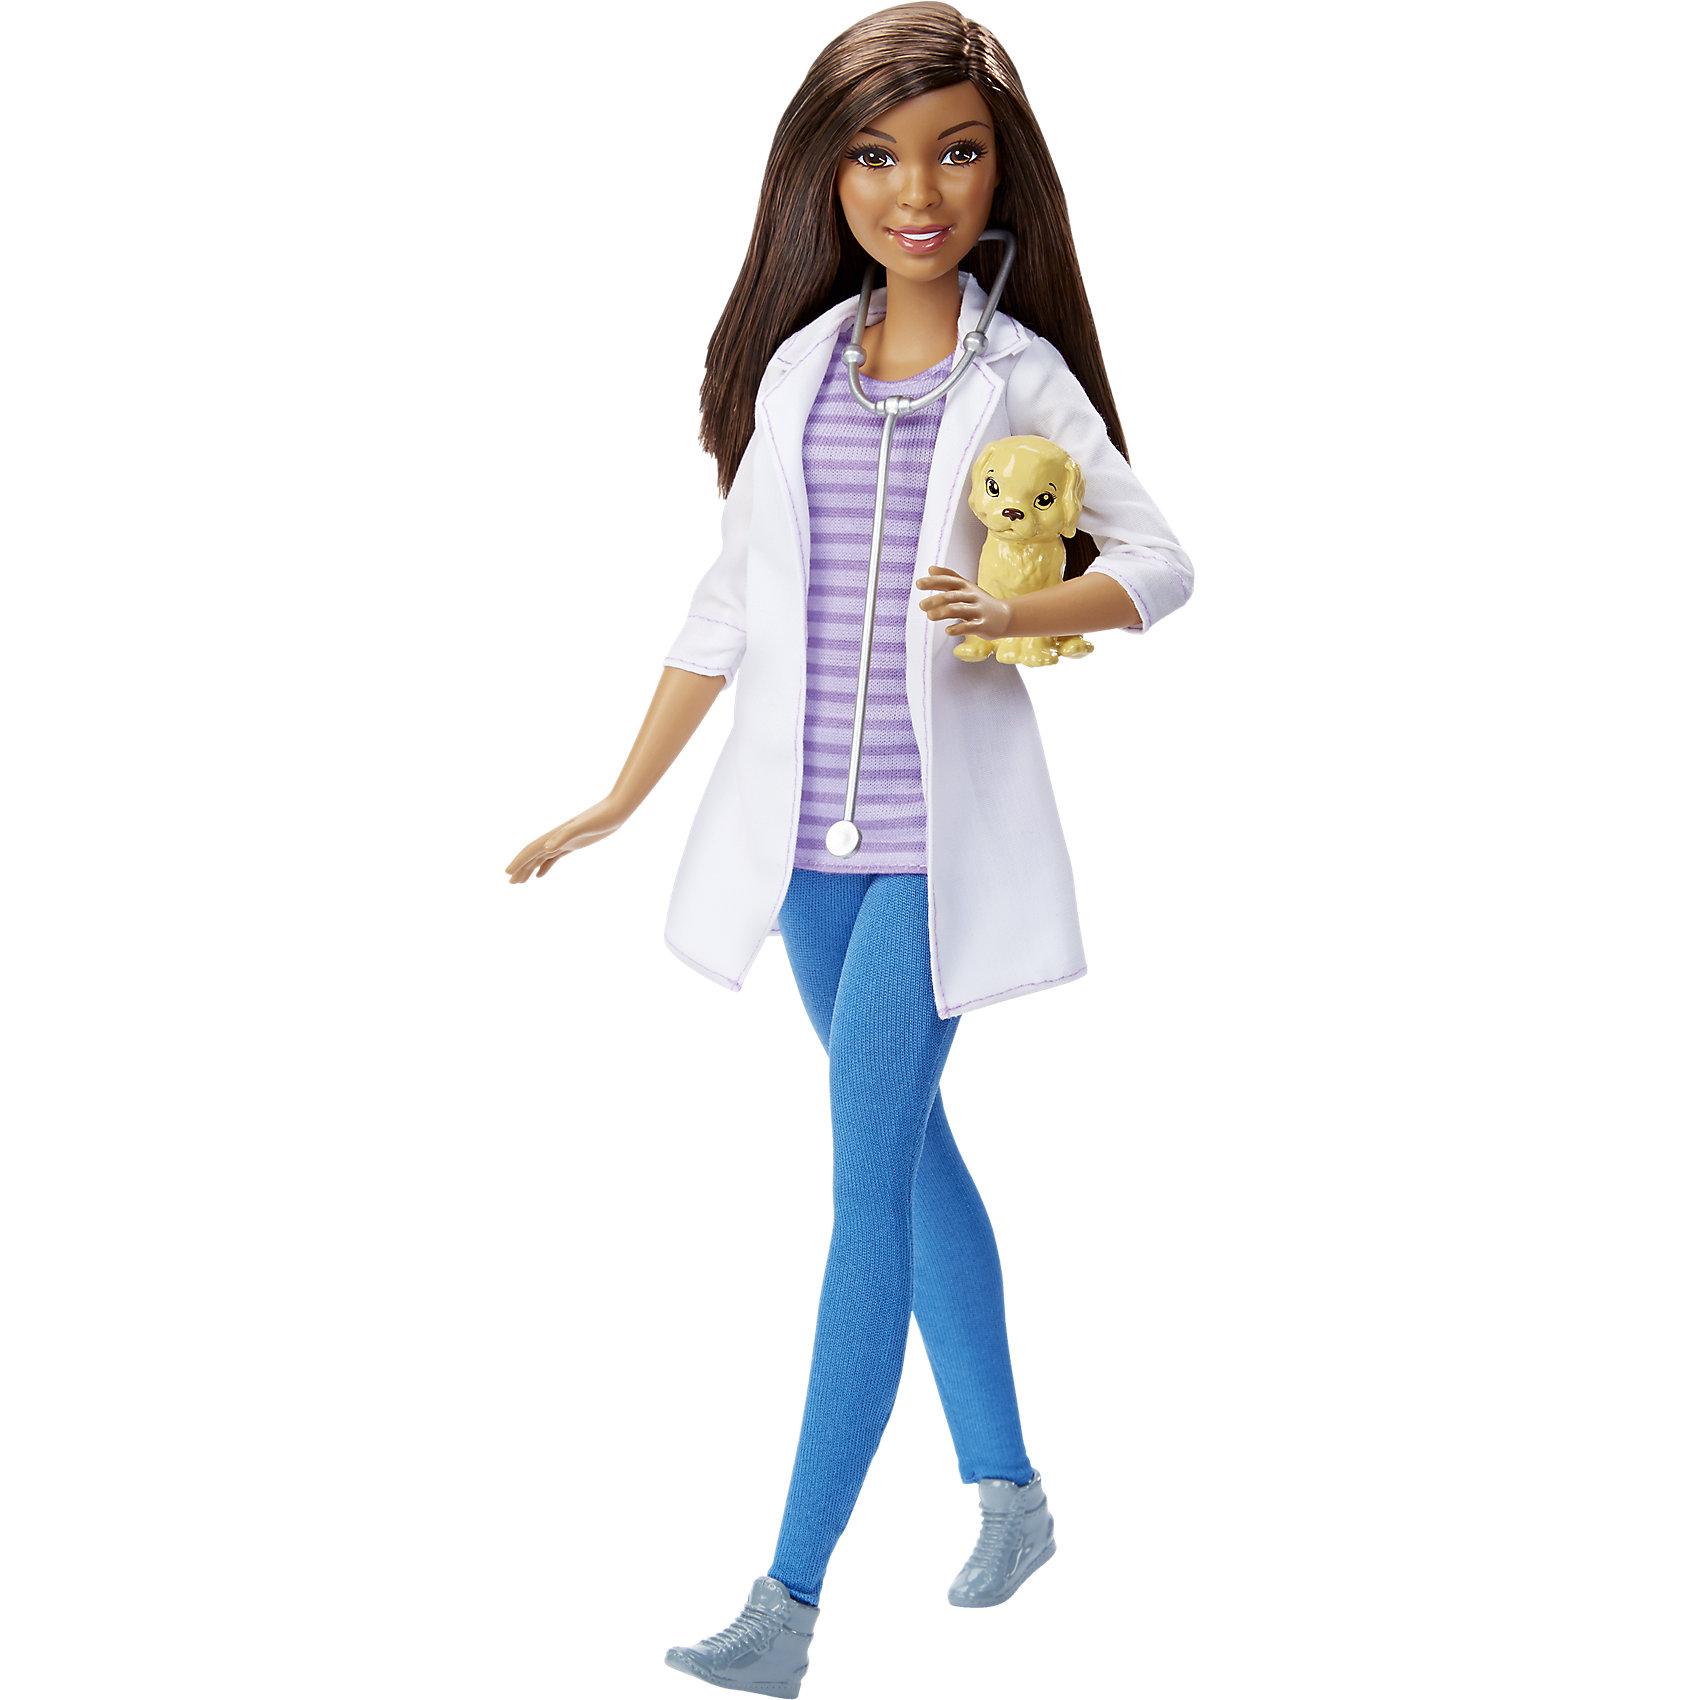 Кукла Barbie Ветеринар из серии Кем быть?<br><br>Ширина мм: 337<br>Глубина мм: 129<br>Высота мм: 60<br>Вес г: 201<br>Возраст от месяцев: 36<br>Возраст до месяцев: 72<br>Пол: Женский<br>Возраст: Детский<br>SKU: 4349921